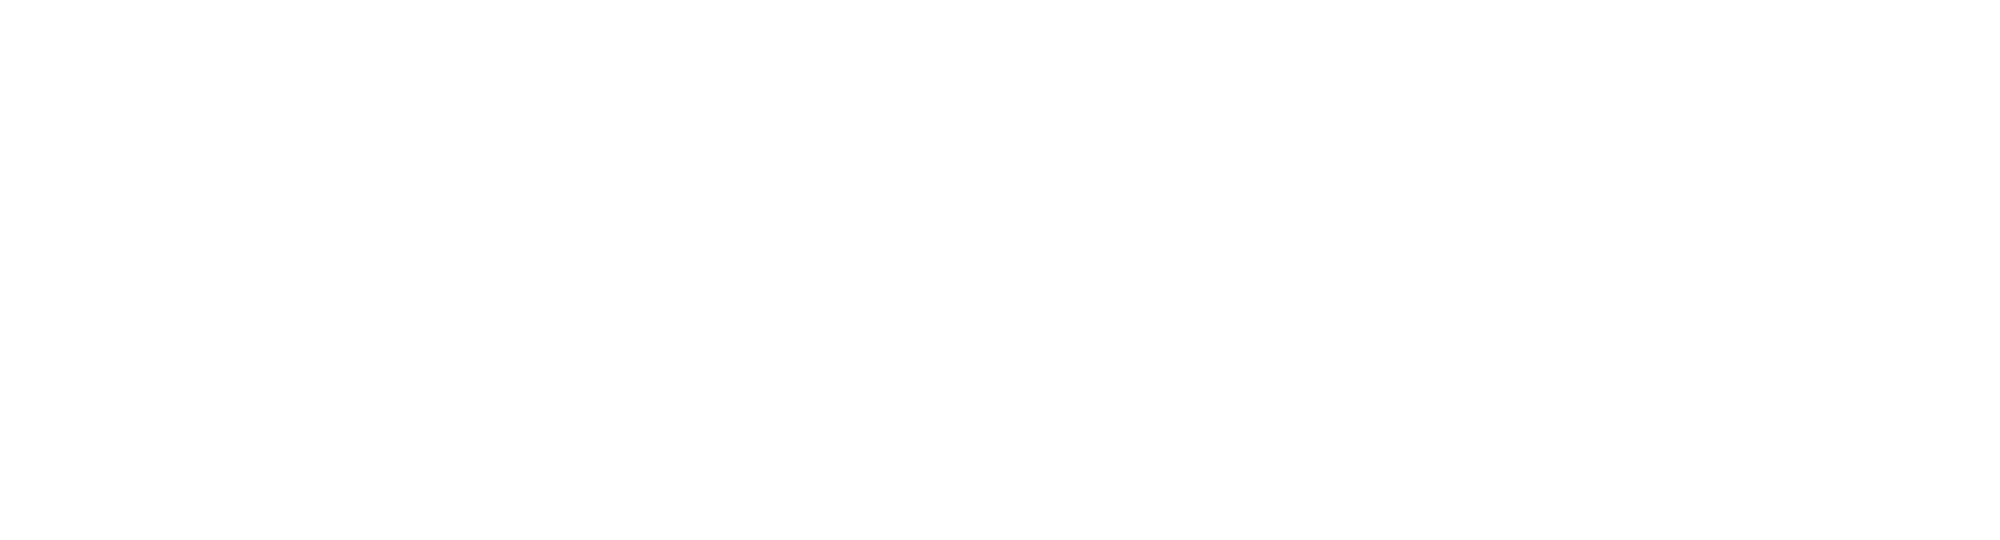 enzo-logo-menu-diap